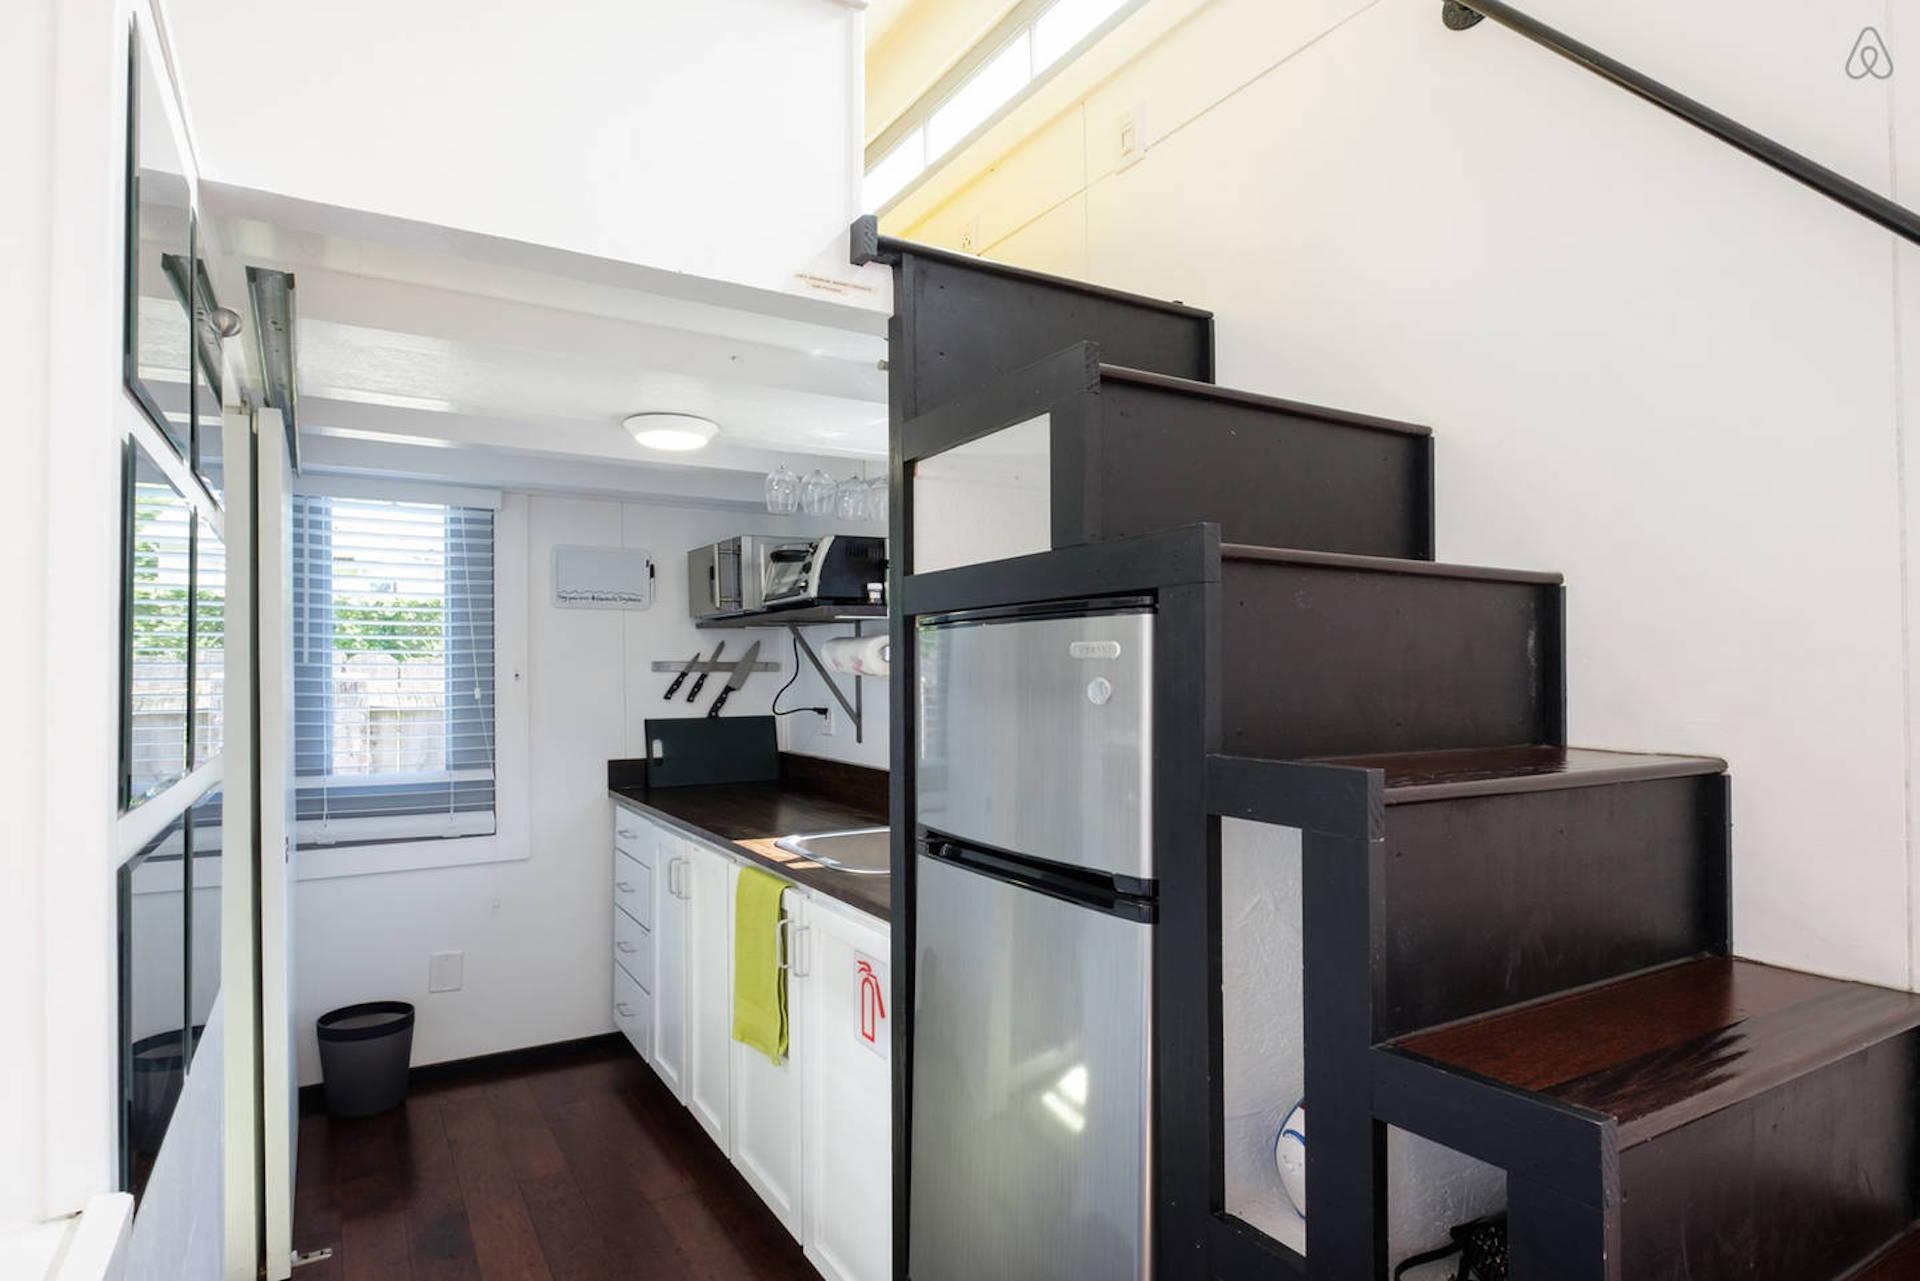 03 kitchen from LR.jpg